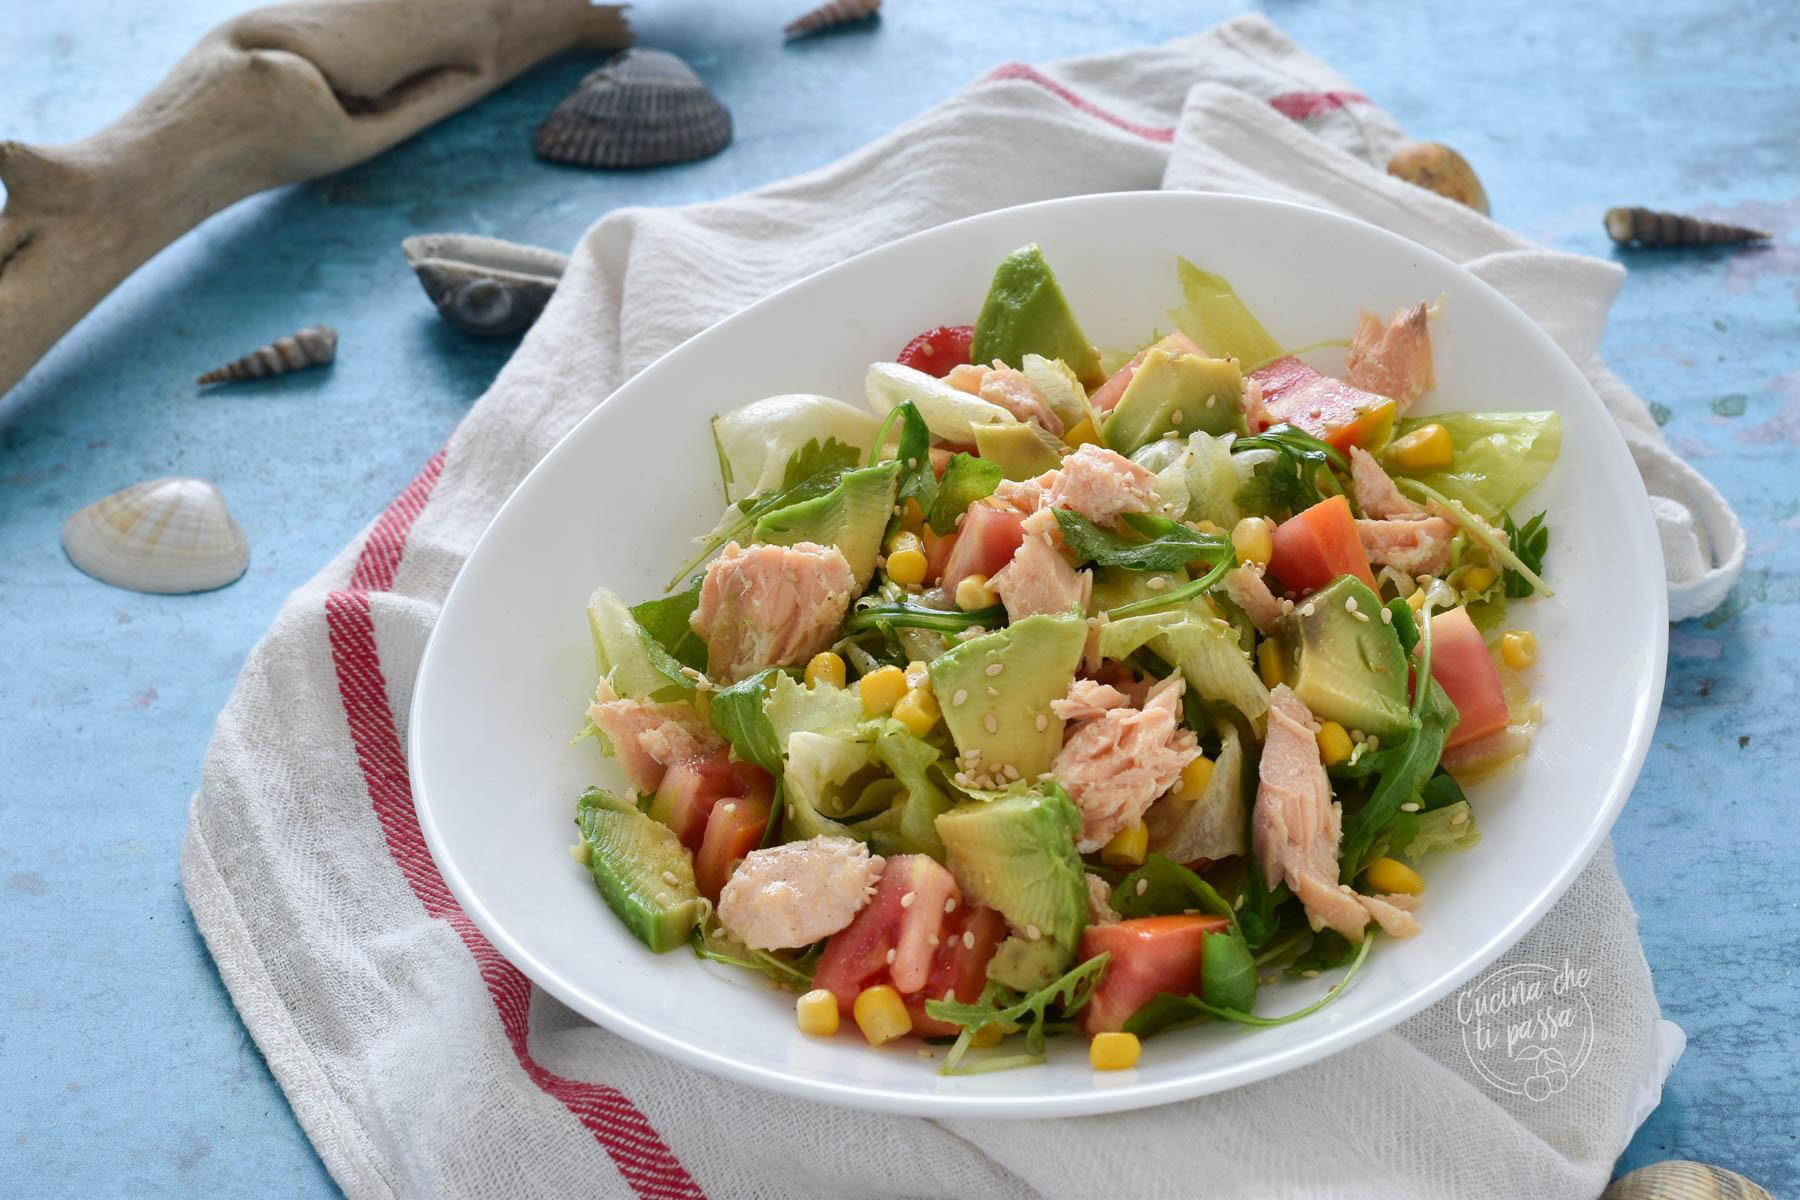 Insalata con avocado e salmone ricetta